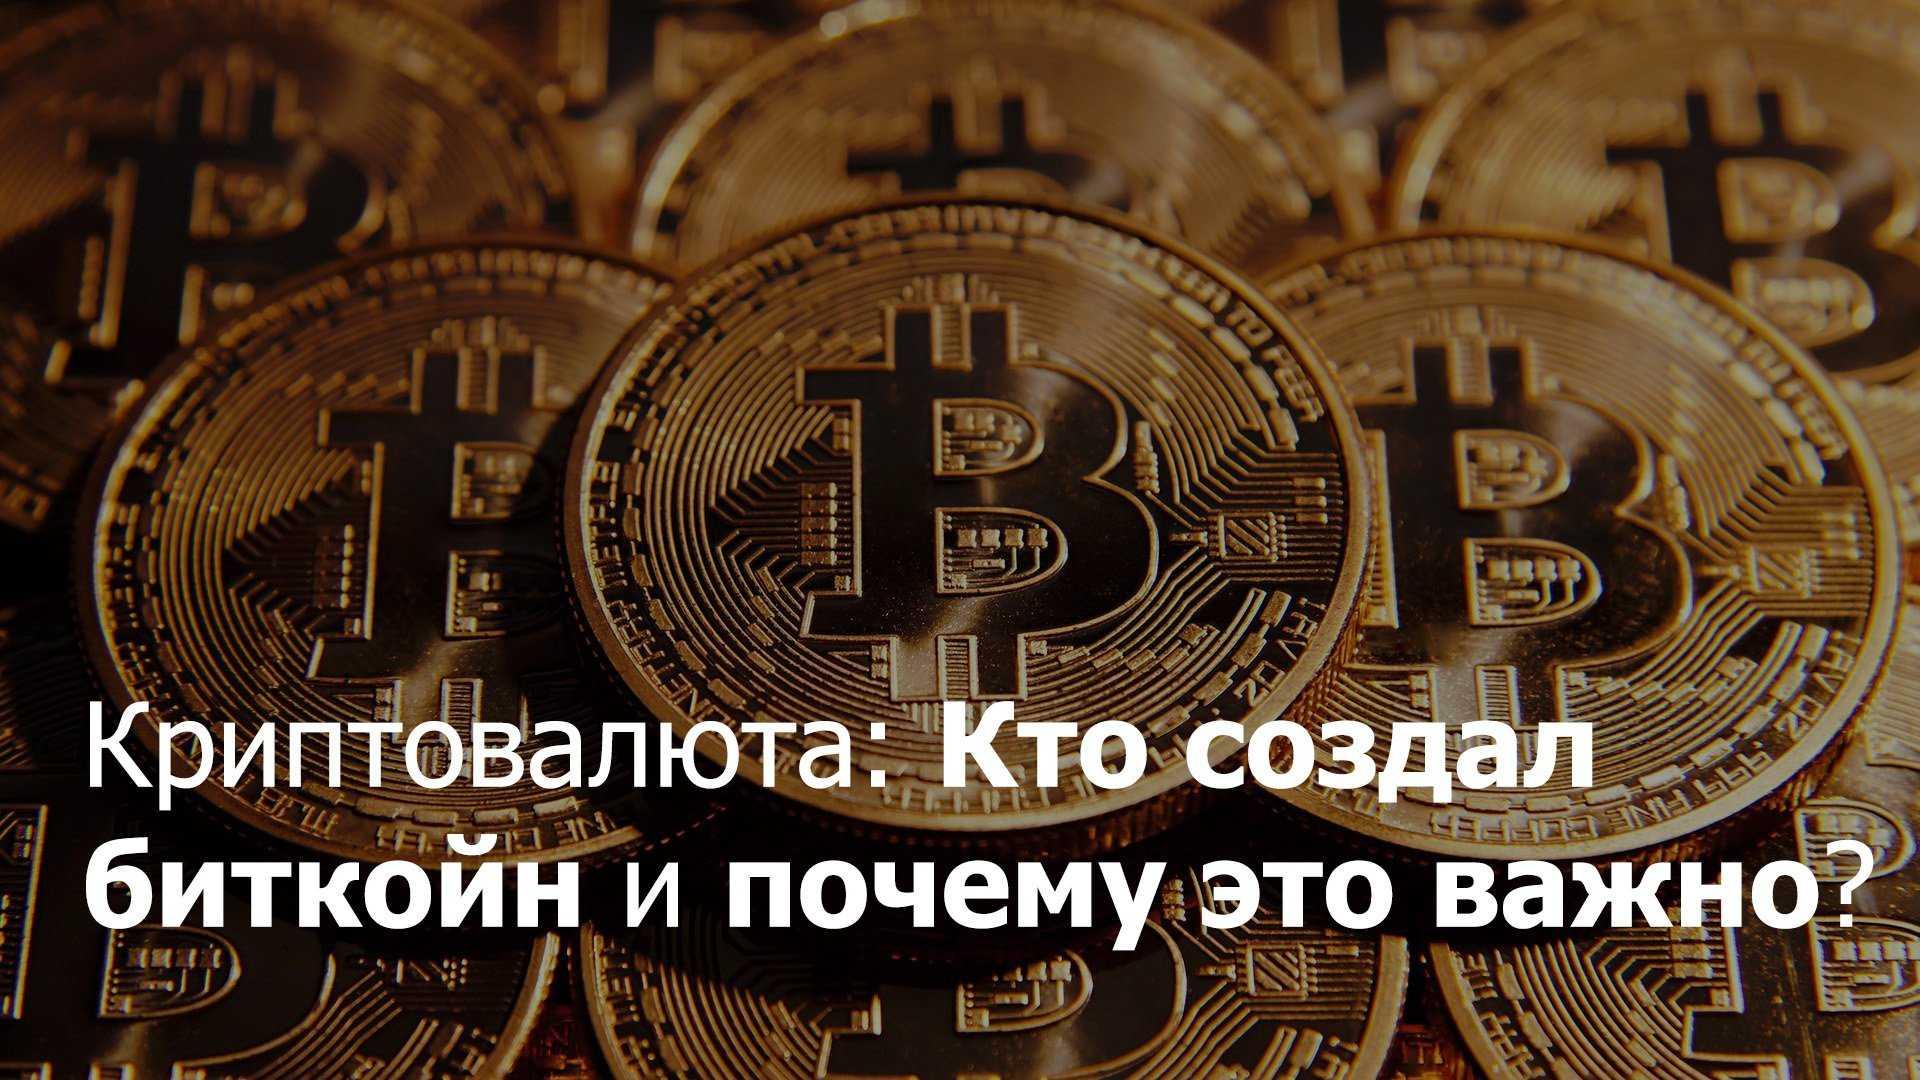 Сбербанк выпустит фирменную криптовалюту и выкупит у mail.ru онлайн-магазин - cnews